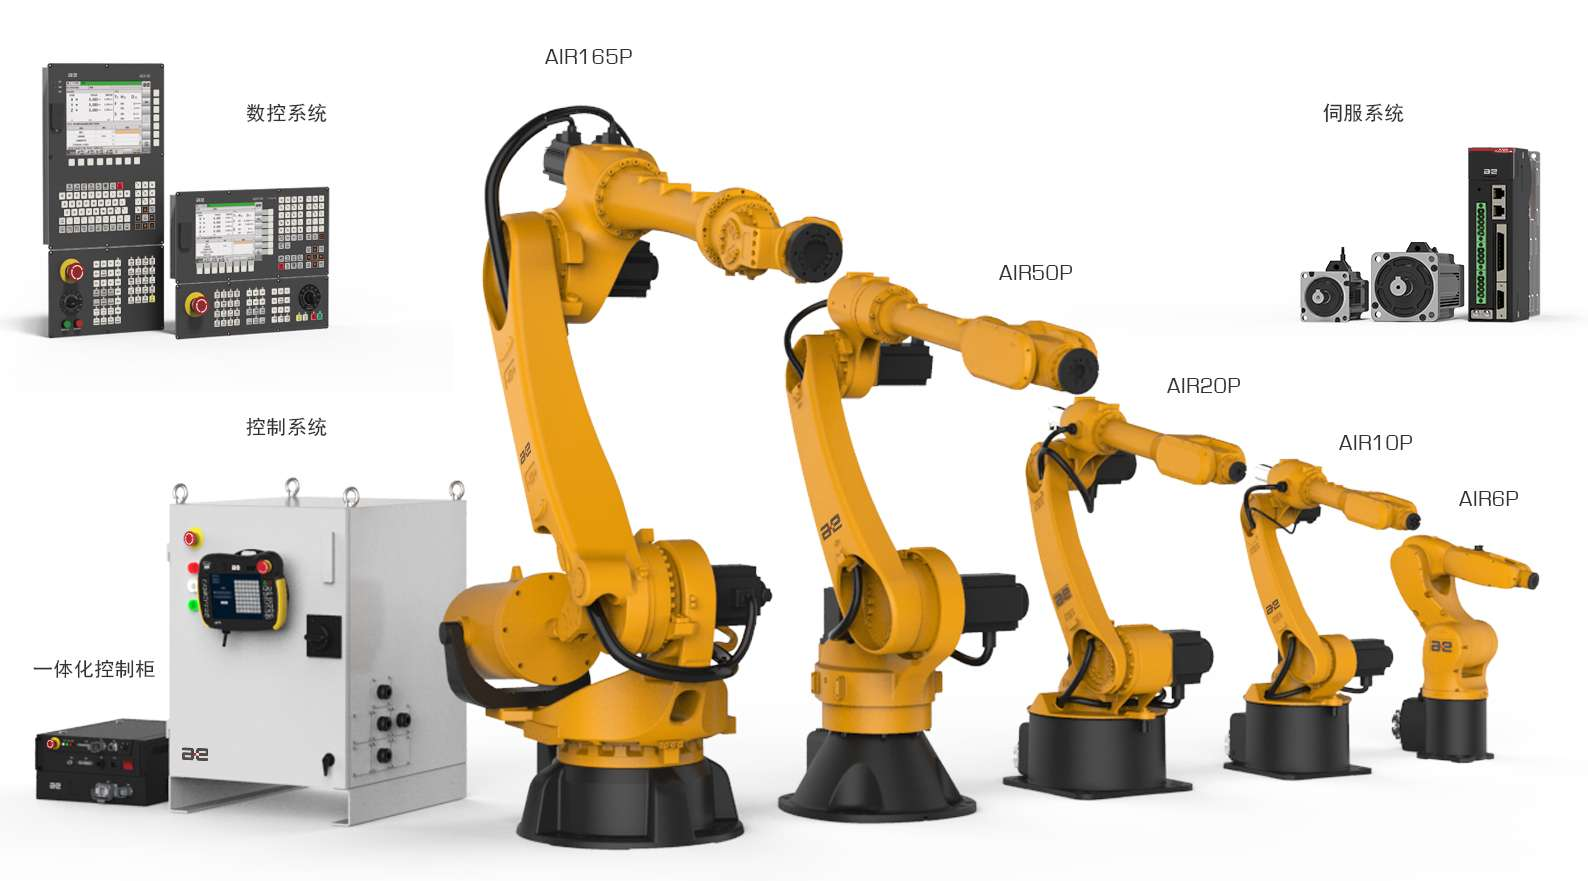 """安徽省配天机器人技术有限公司参加OFweek 2017""""维科杯""""中国人工智能行业年度评选"""